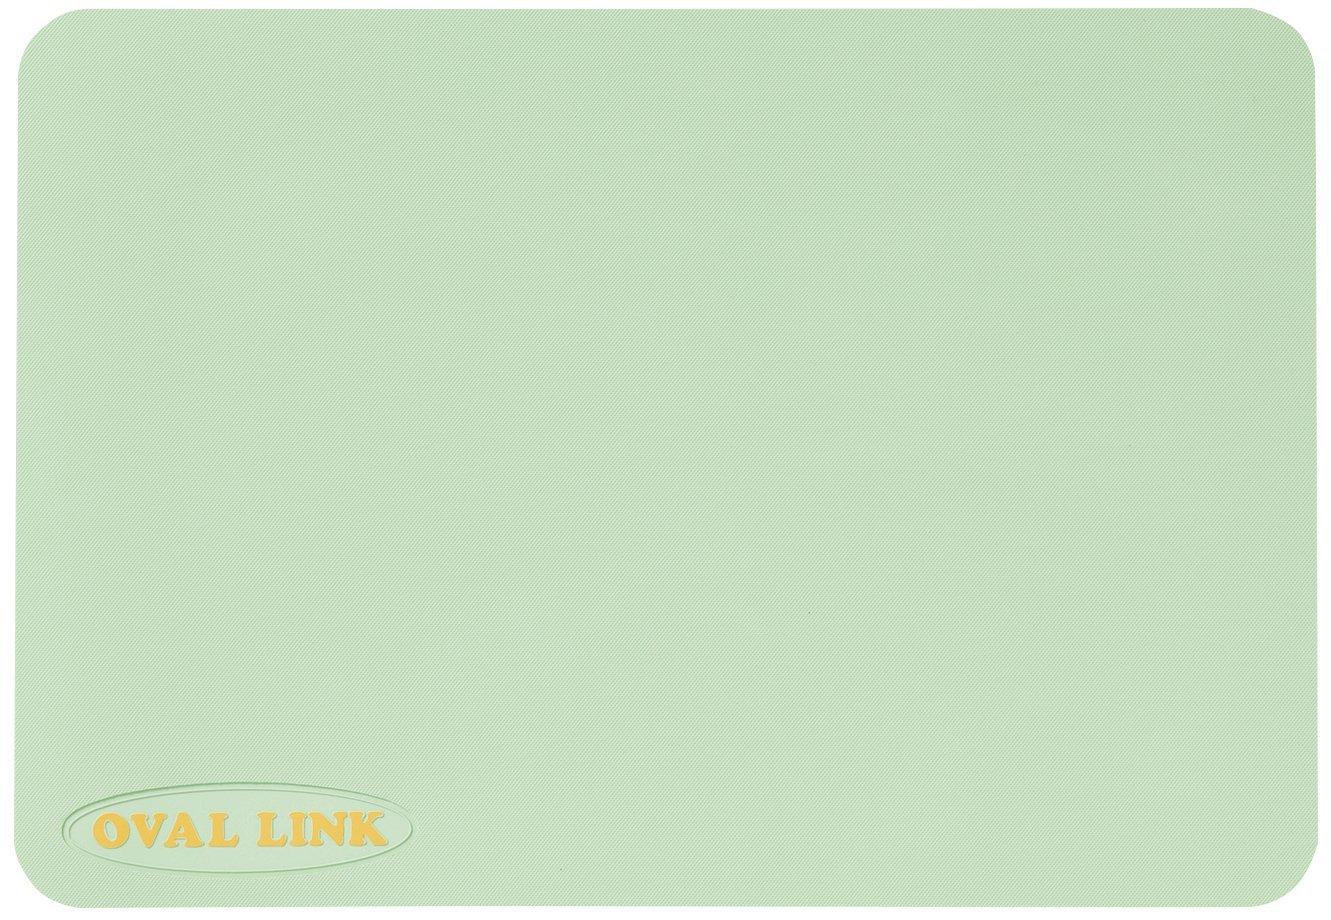 【オーバルリンク】Mサイズ(38cmx55cm)ライトグリーン お風呂の滑り止めマット 1枚 抗菌防カビ加工